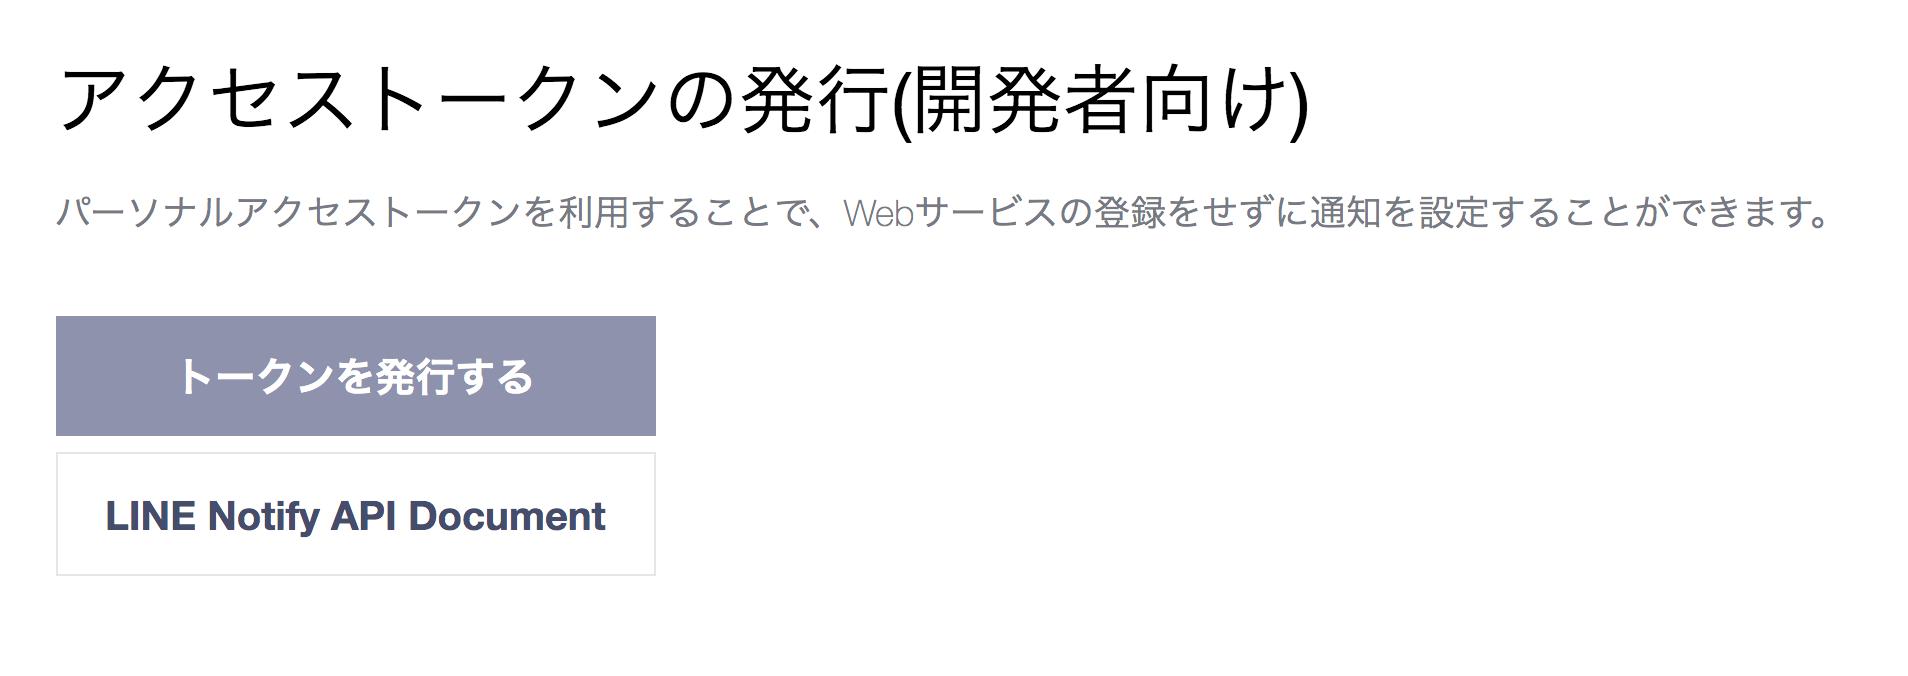 スクリーンショット 2020-01-11 0.23.20.png